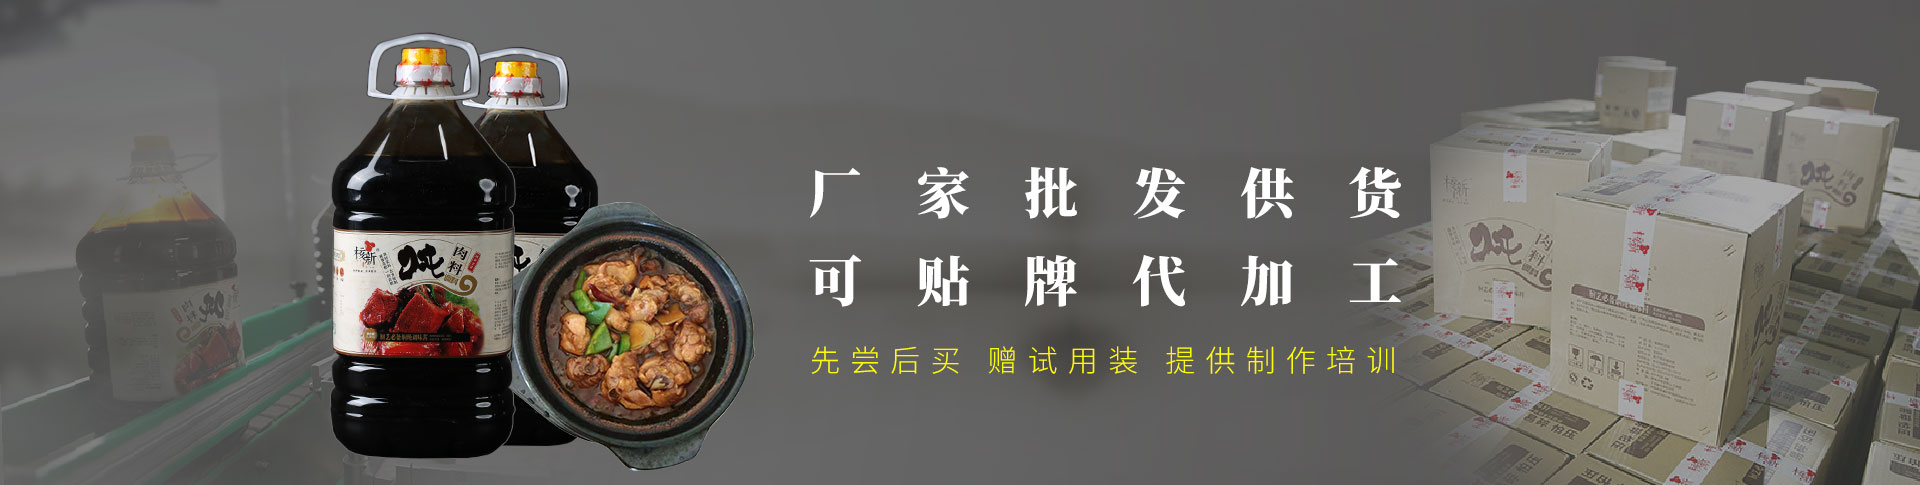 西宁黄焖鸡酱料包批发